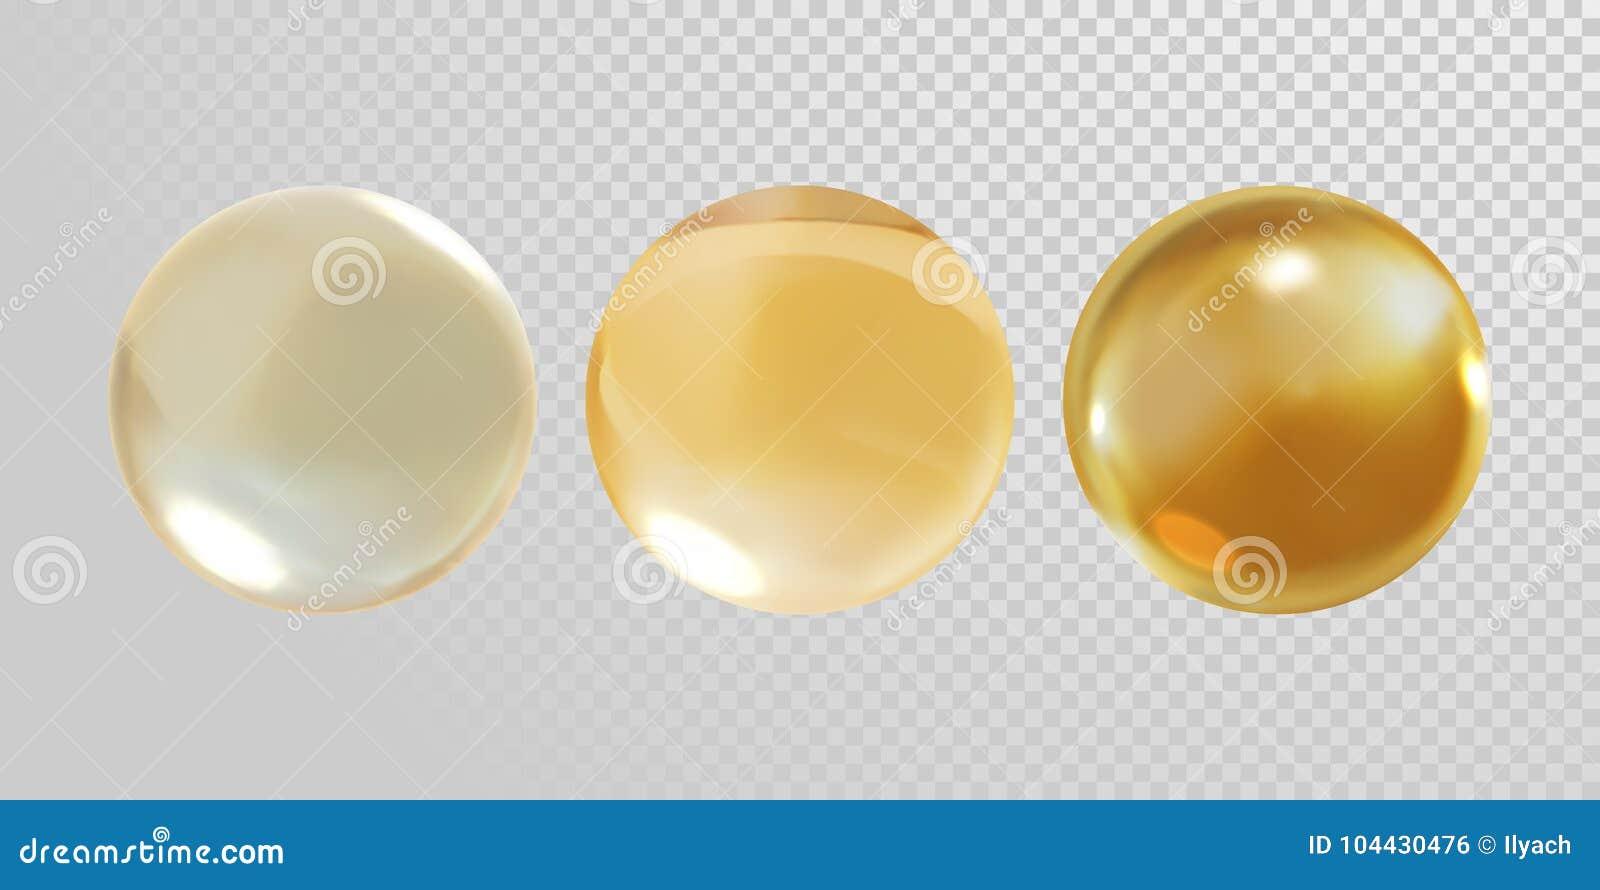 Złocista szklana piłka odizolowywająca na przejrzystym tle 3D złotego oleju witaminy E pigułki realistycznej wektorowej kapsuły s